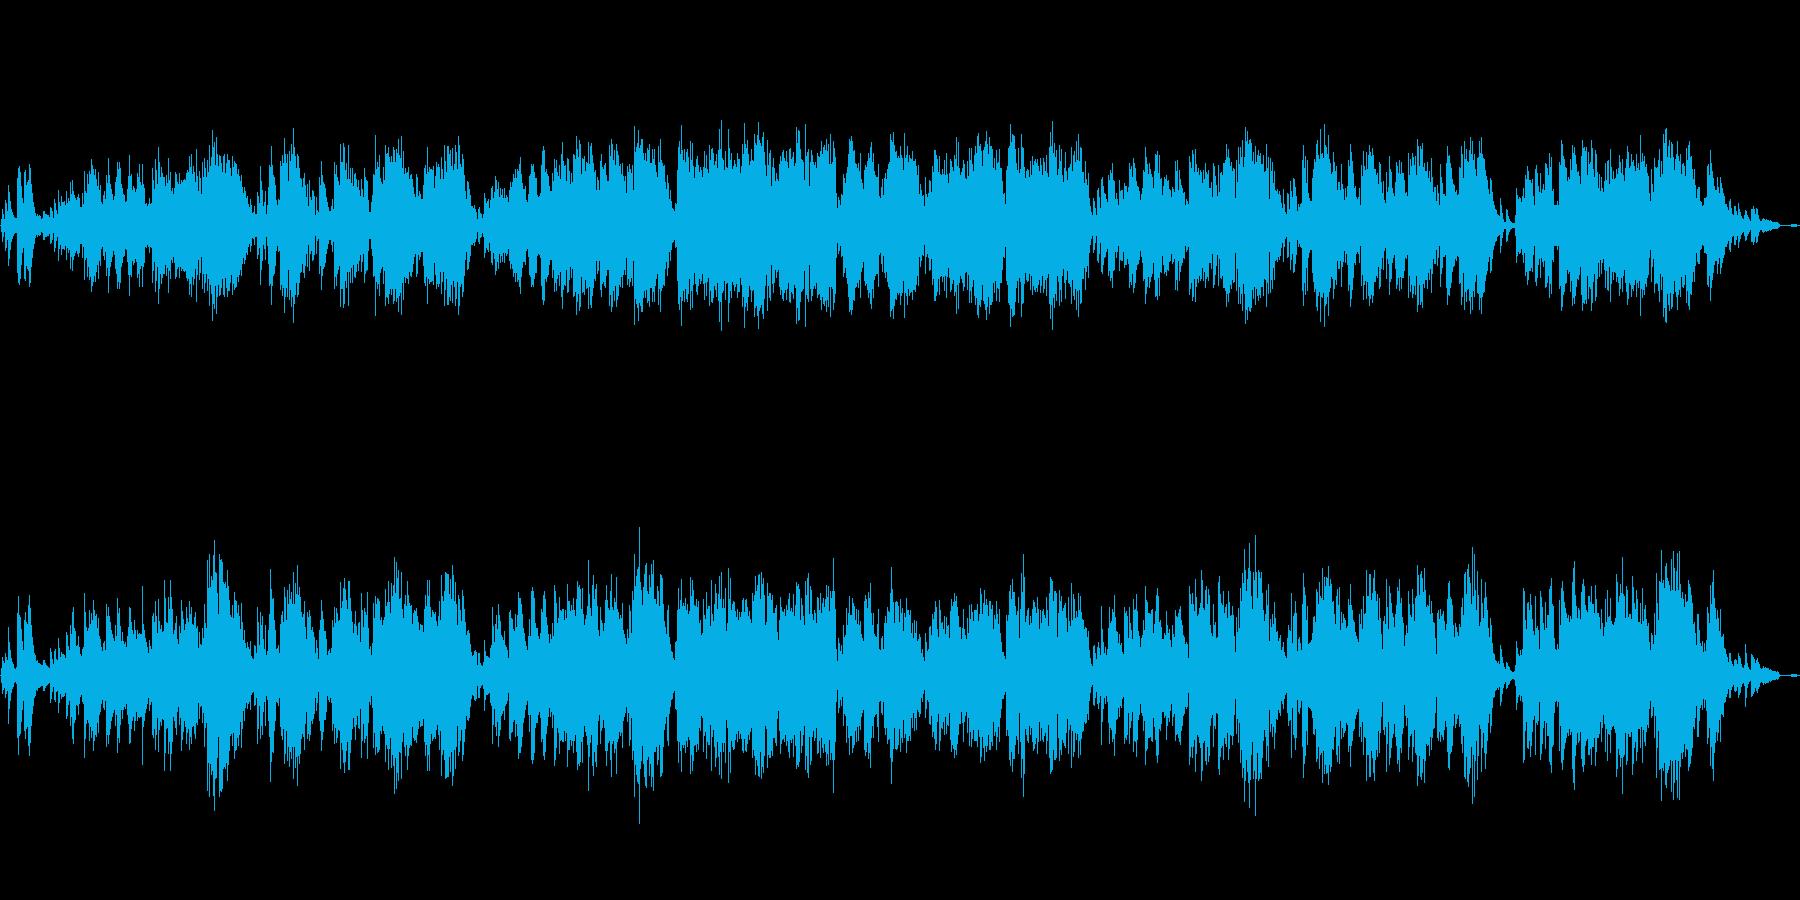 サティ「Je te veux」ピアノ演奏の再生済みの波形